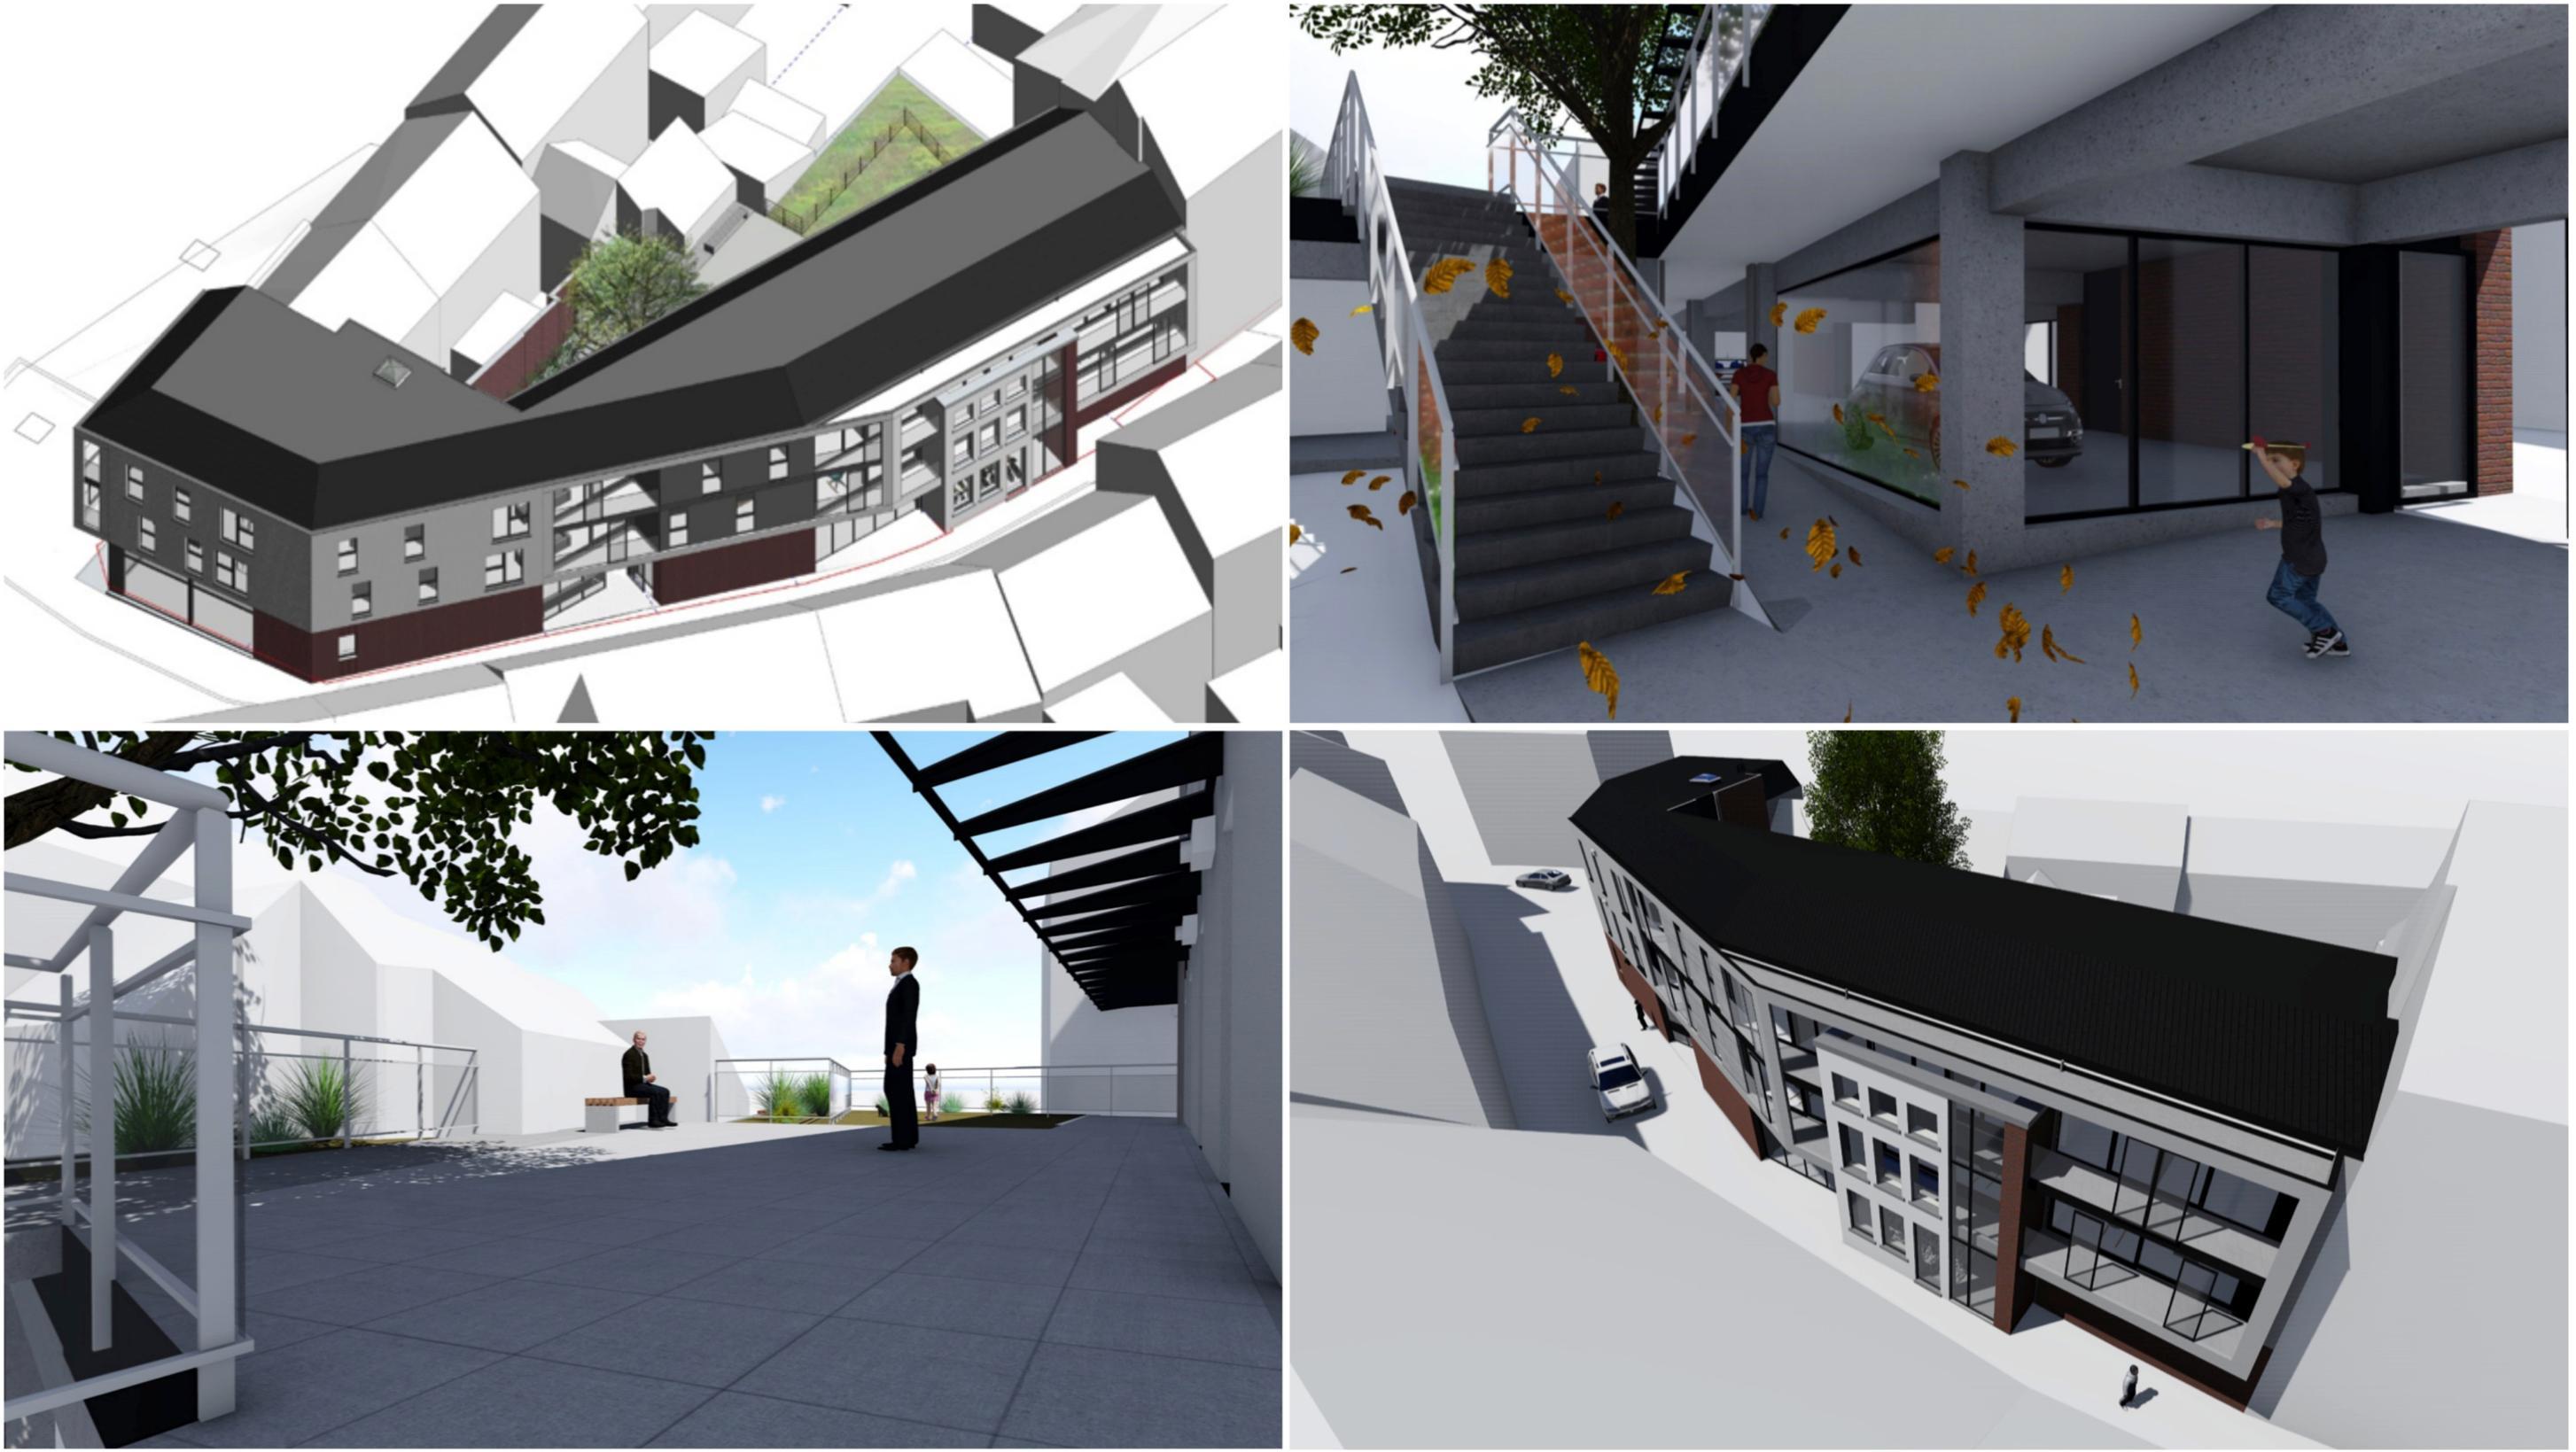 La commune va construire 7 logements et 1 magasin pour redorer l'image du centre